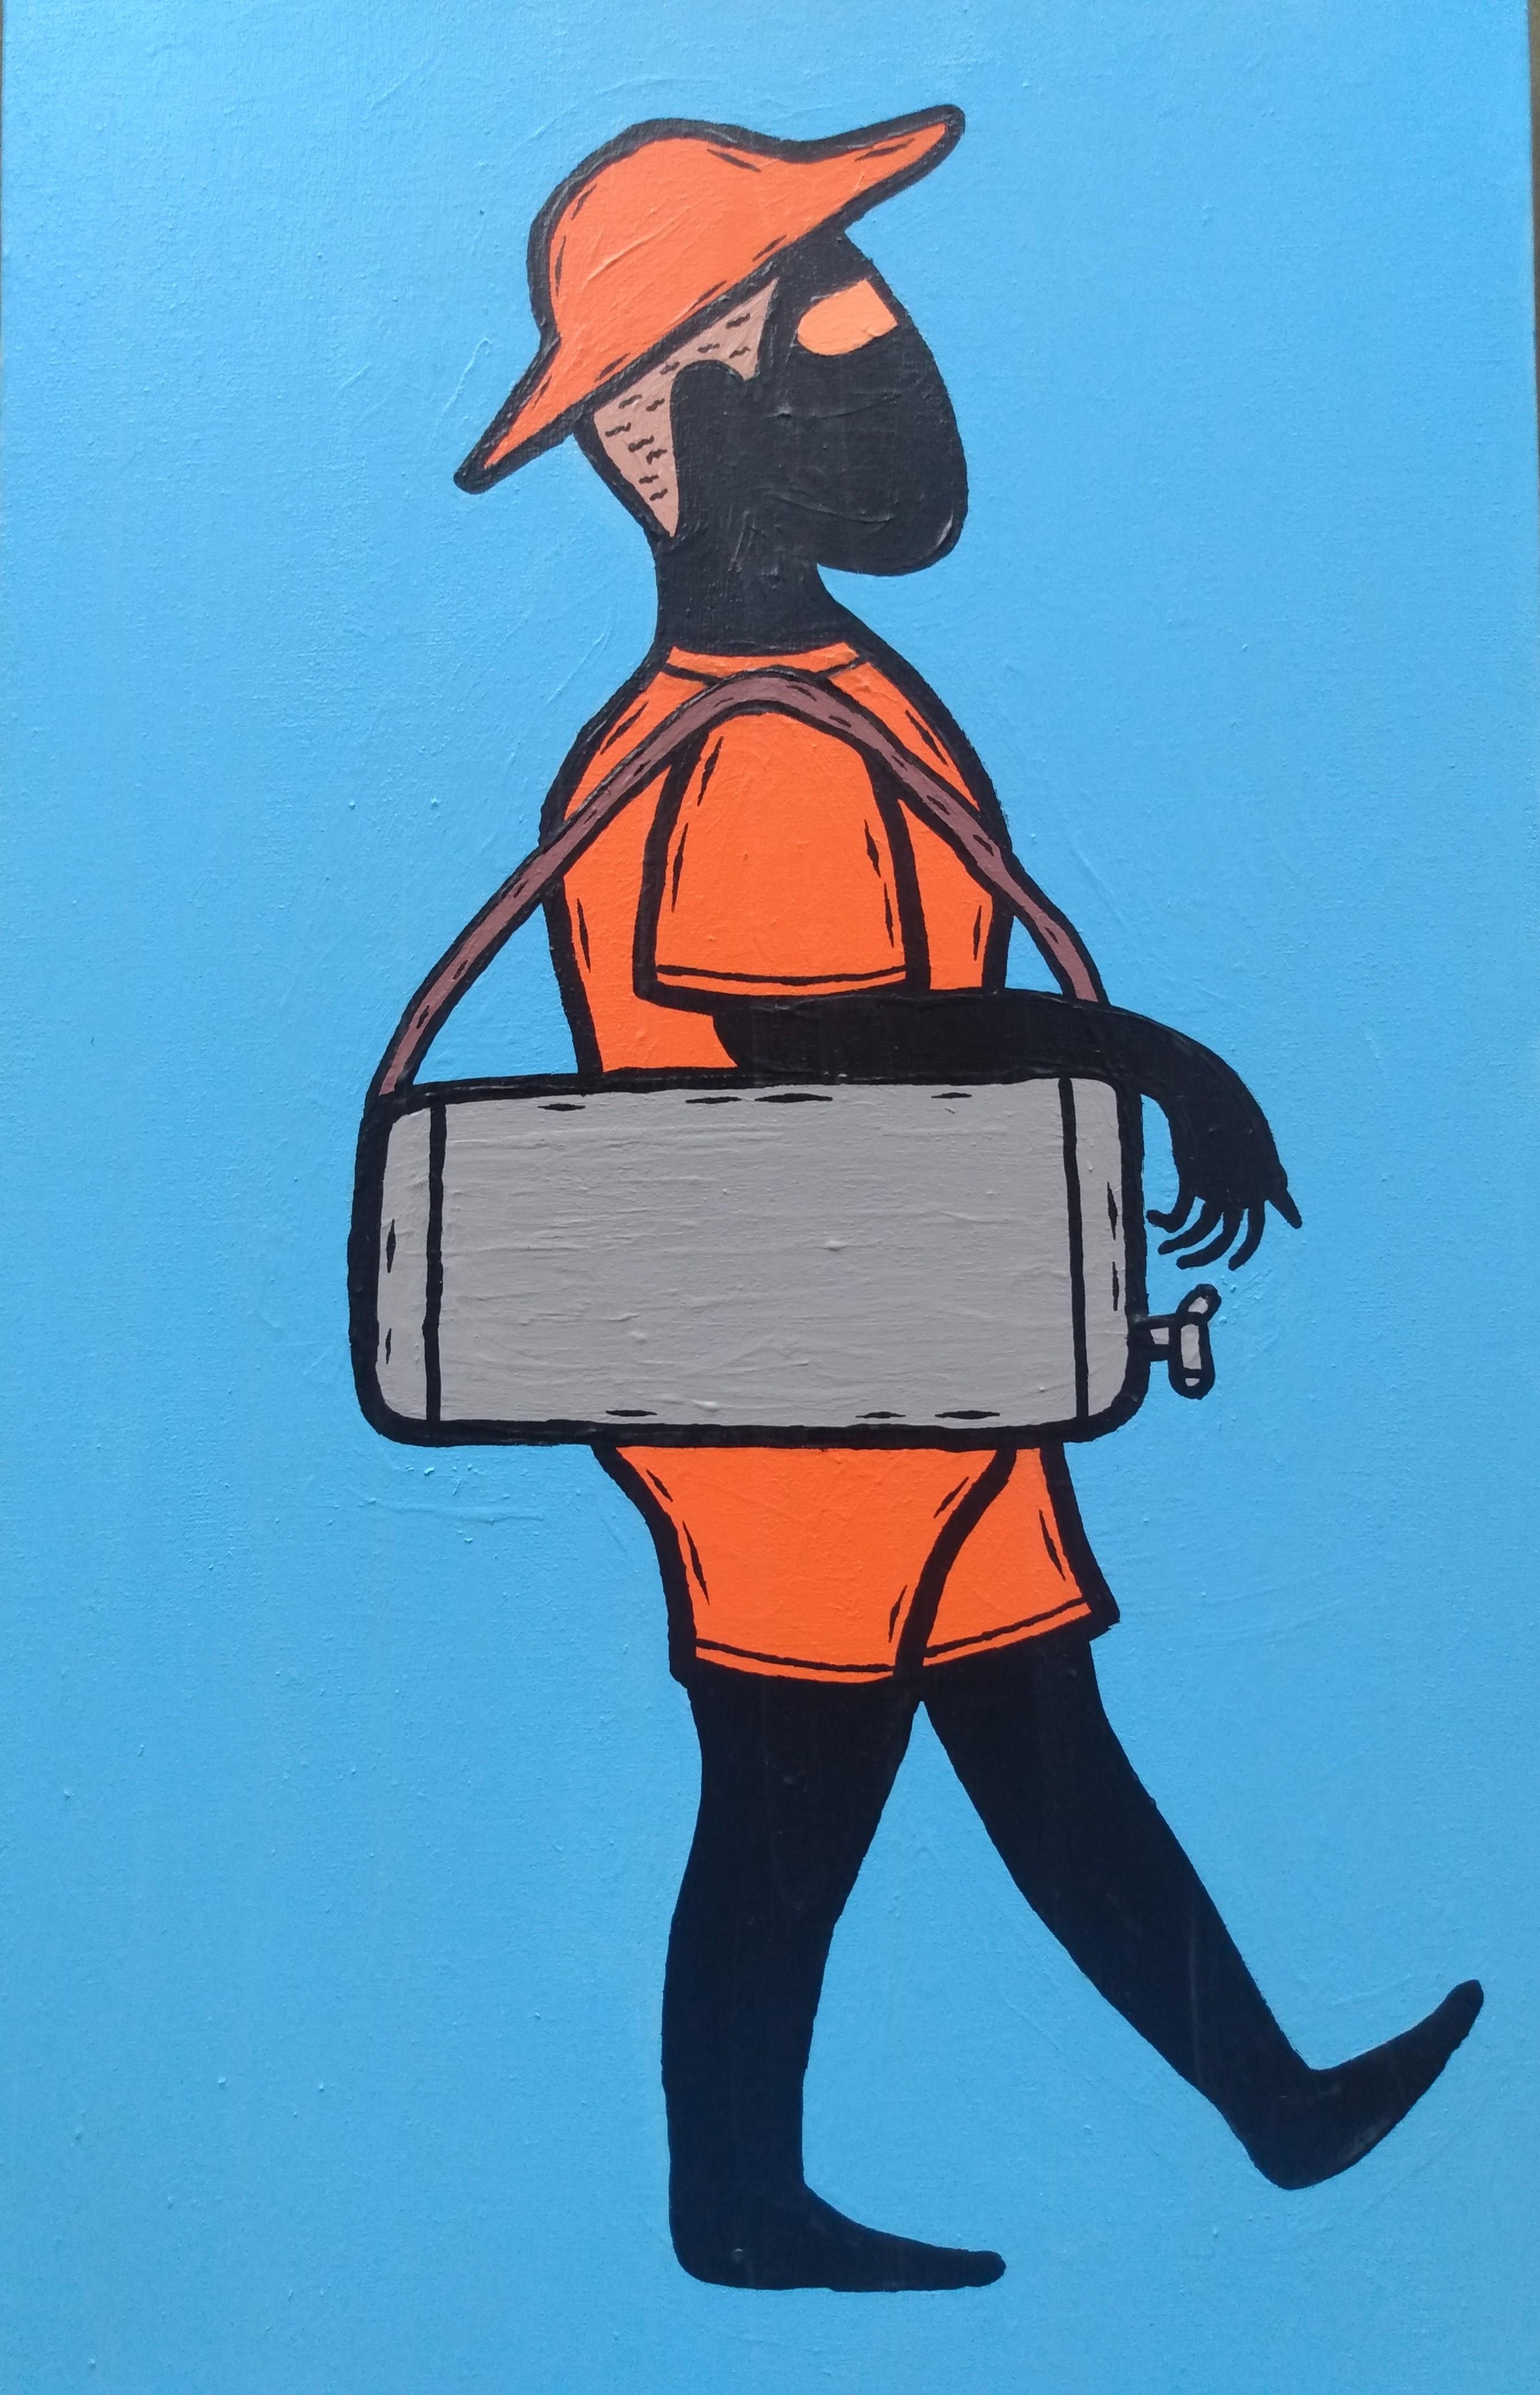 pintura de um vendedor de mate da praia, vestido roupa laranja e segurando um galão